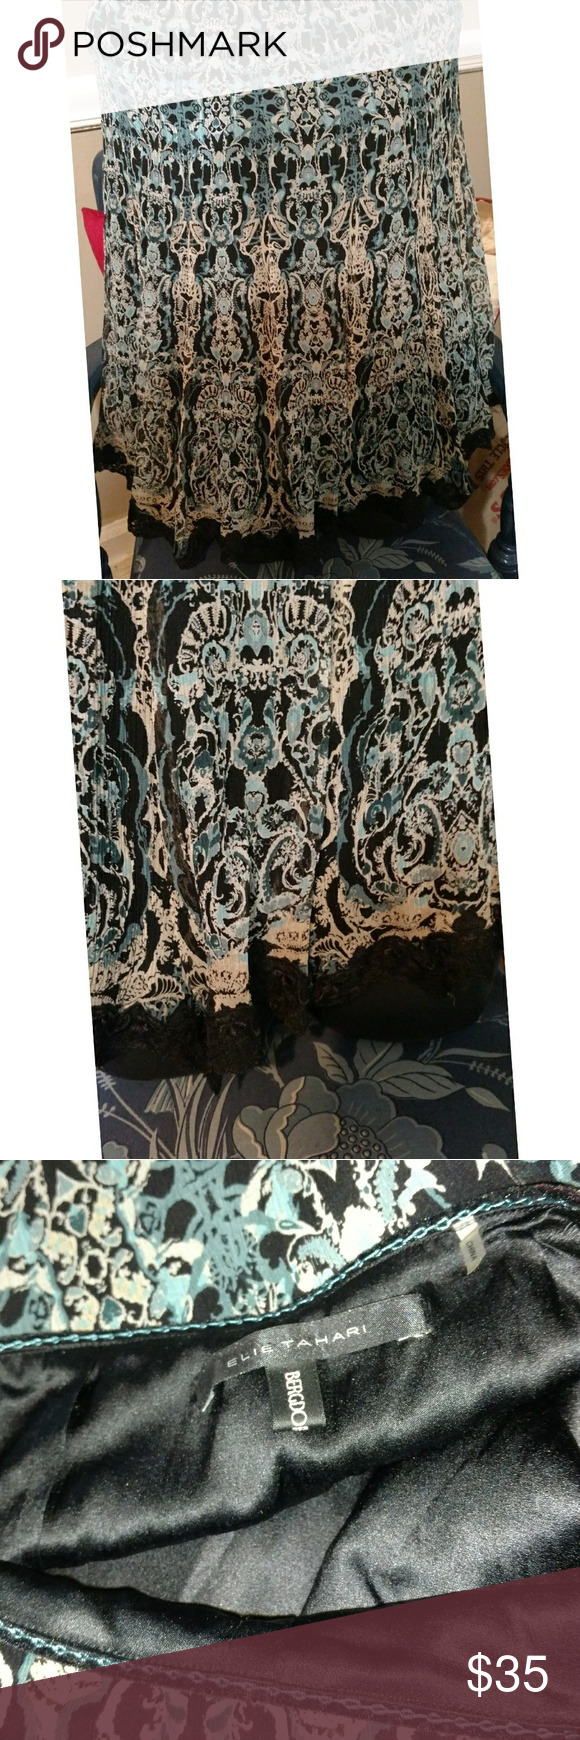 Vintage Elie Tahari Skirt